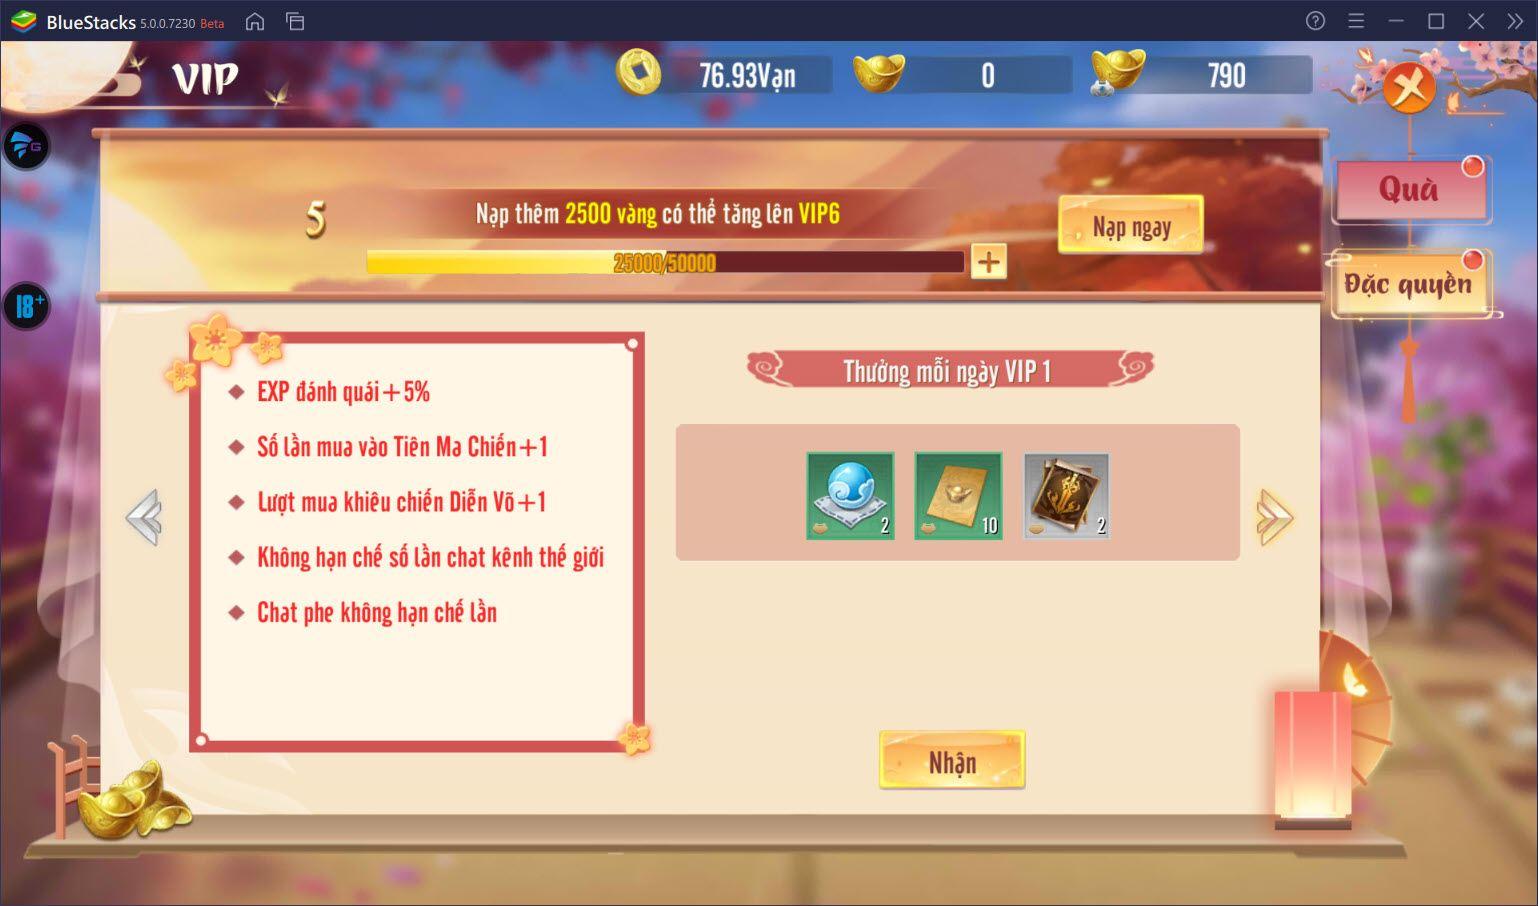 Thiên Long Kiếm 2: Mẹo tăng cấp nhanh cho nhân vật và Pet